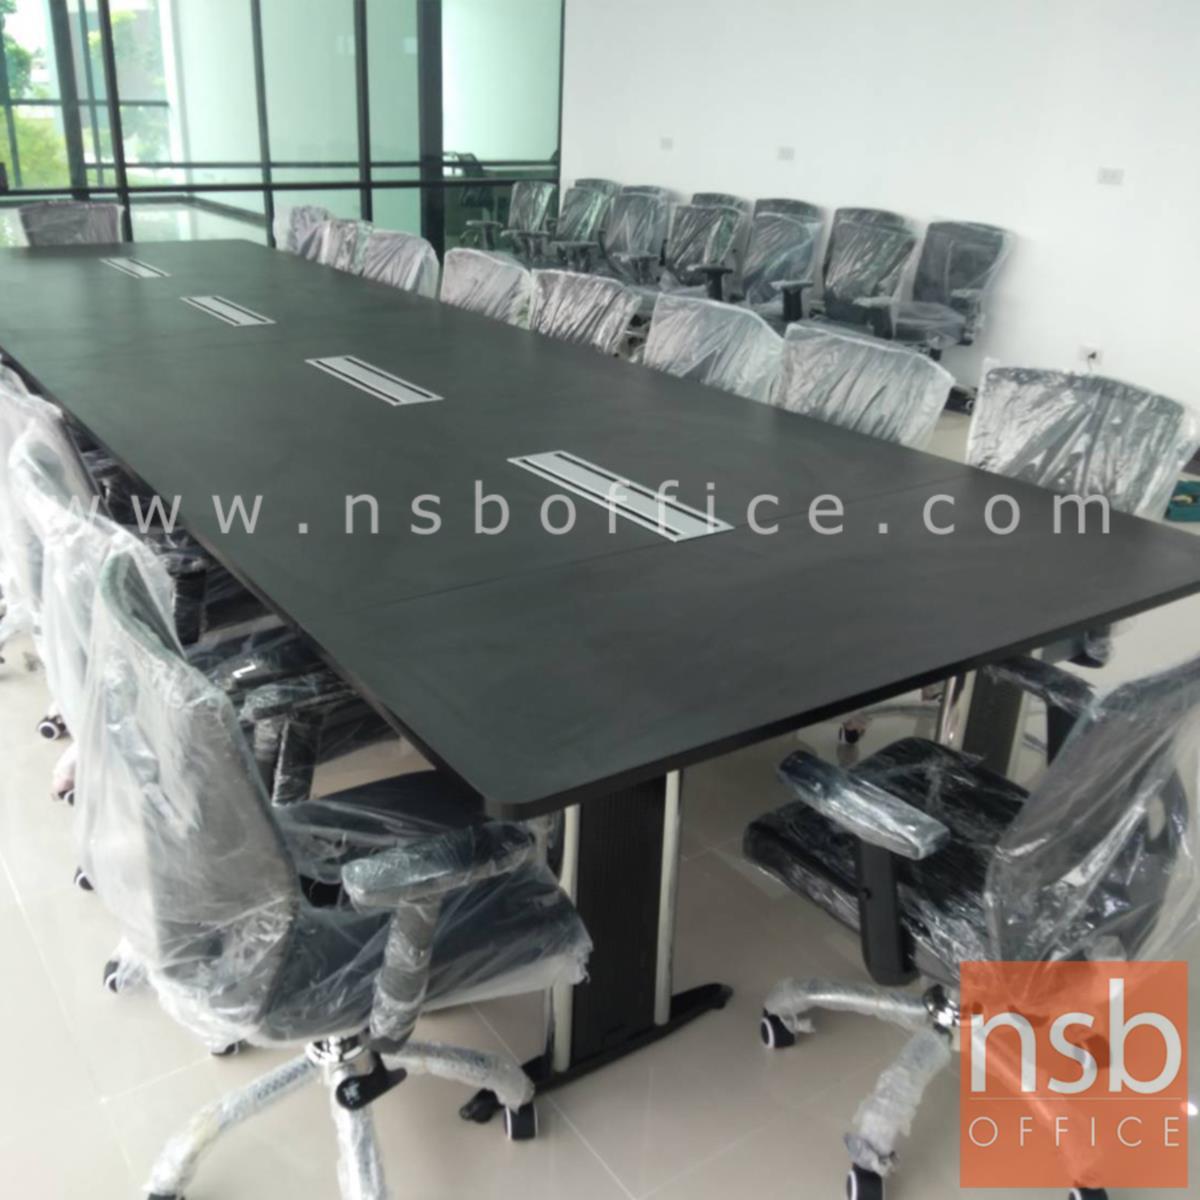 โต๊ะประชุมทรงสี่เหลี่ยม  ขนาด 280W ,320W ,440W ,520W ,620W cm. พร้อมกล่องไฟ ขาเหล็กตัวแอล